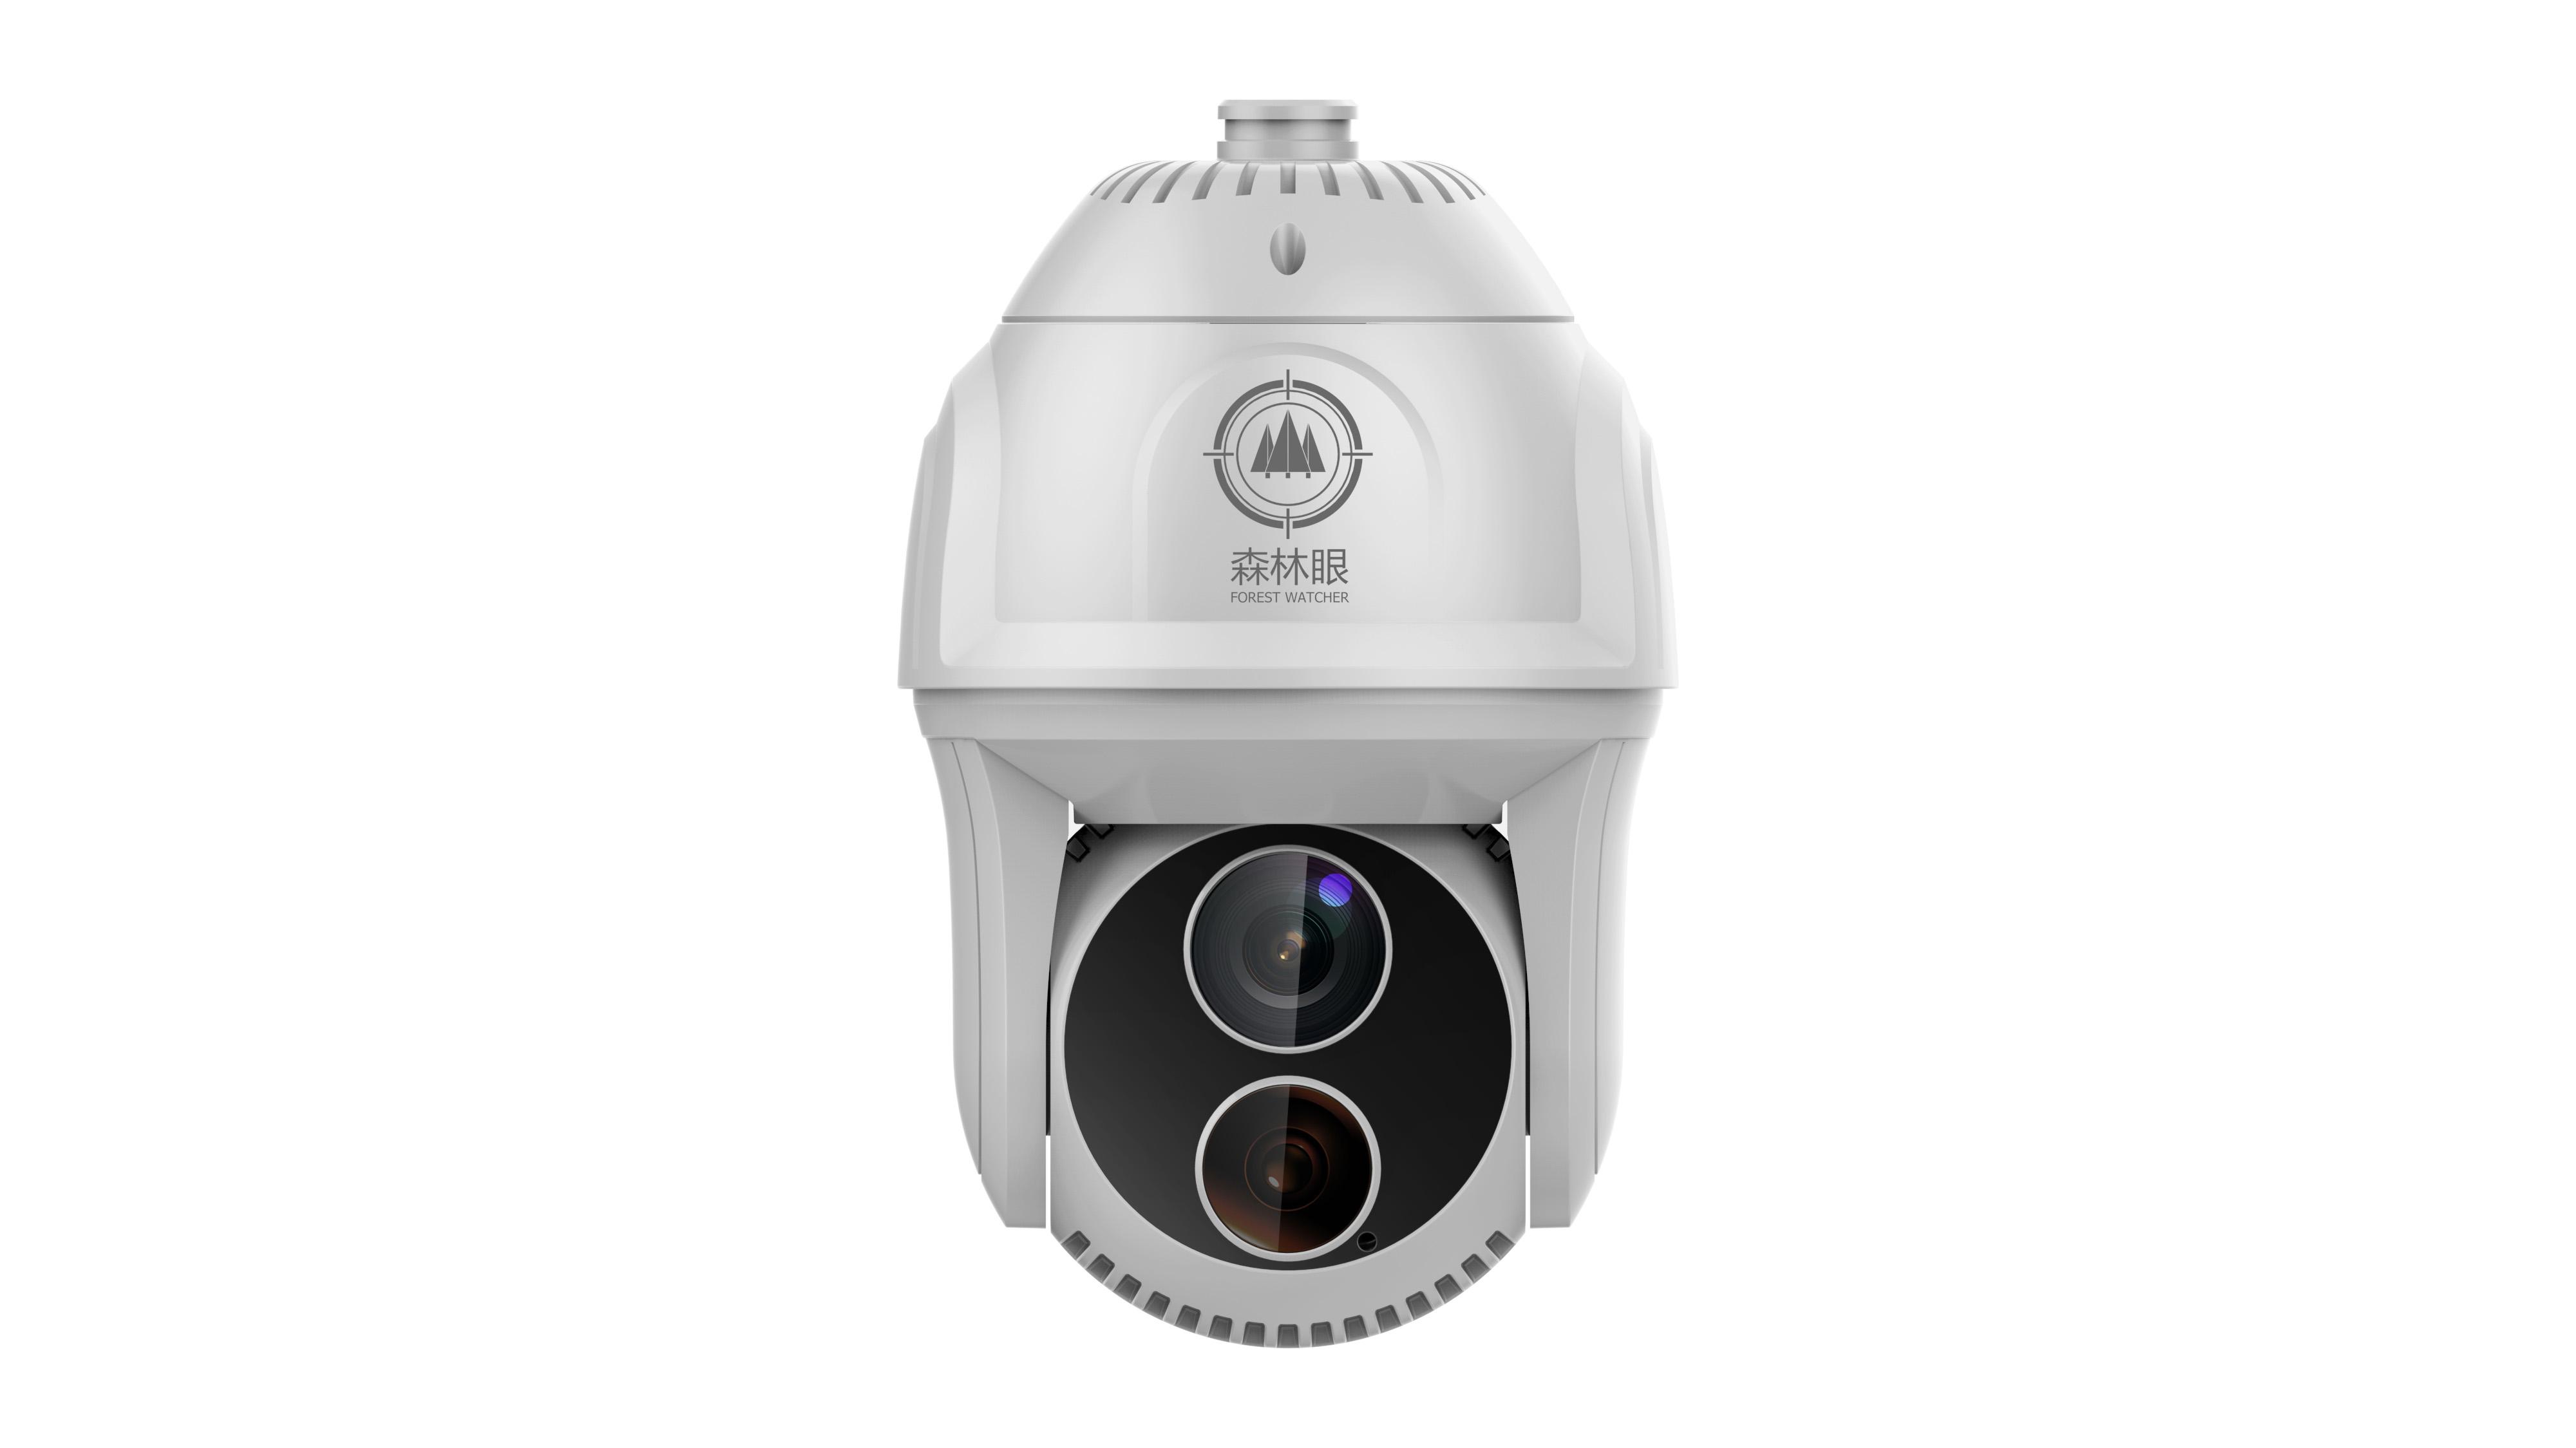 监控摄像机_产品设计-来设计